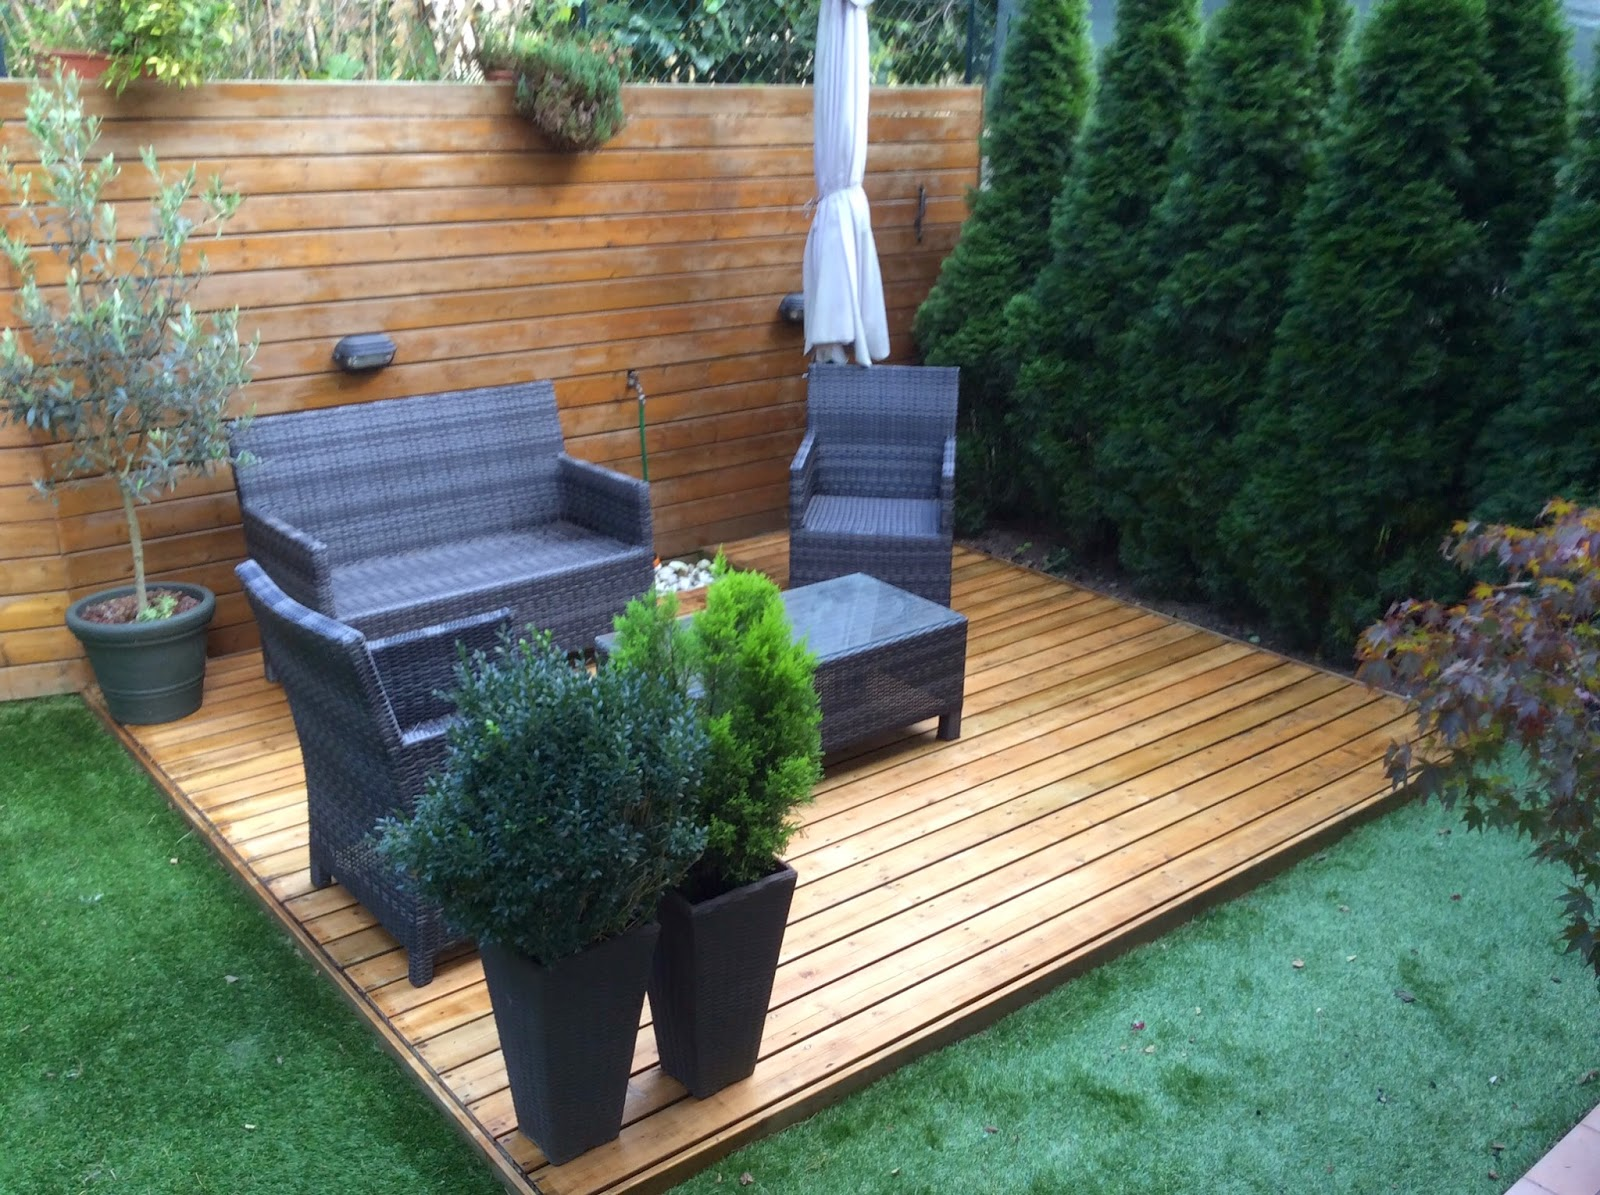 Bellissimo appartamento a lizzanella giardino con pedana for Accessori per terrazzi e giardini